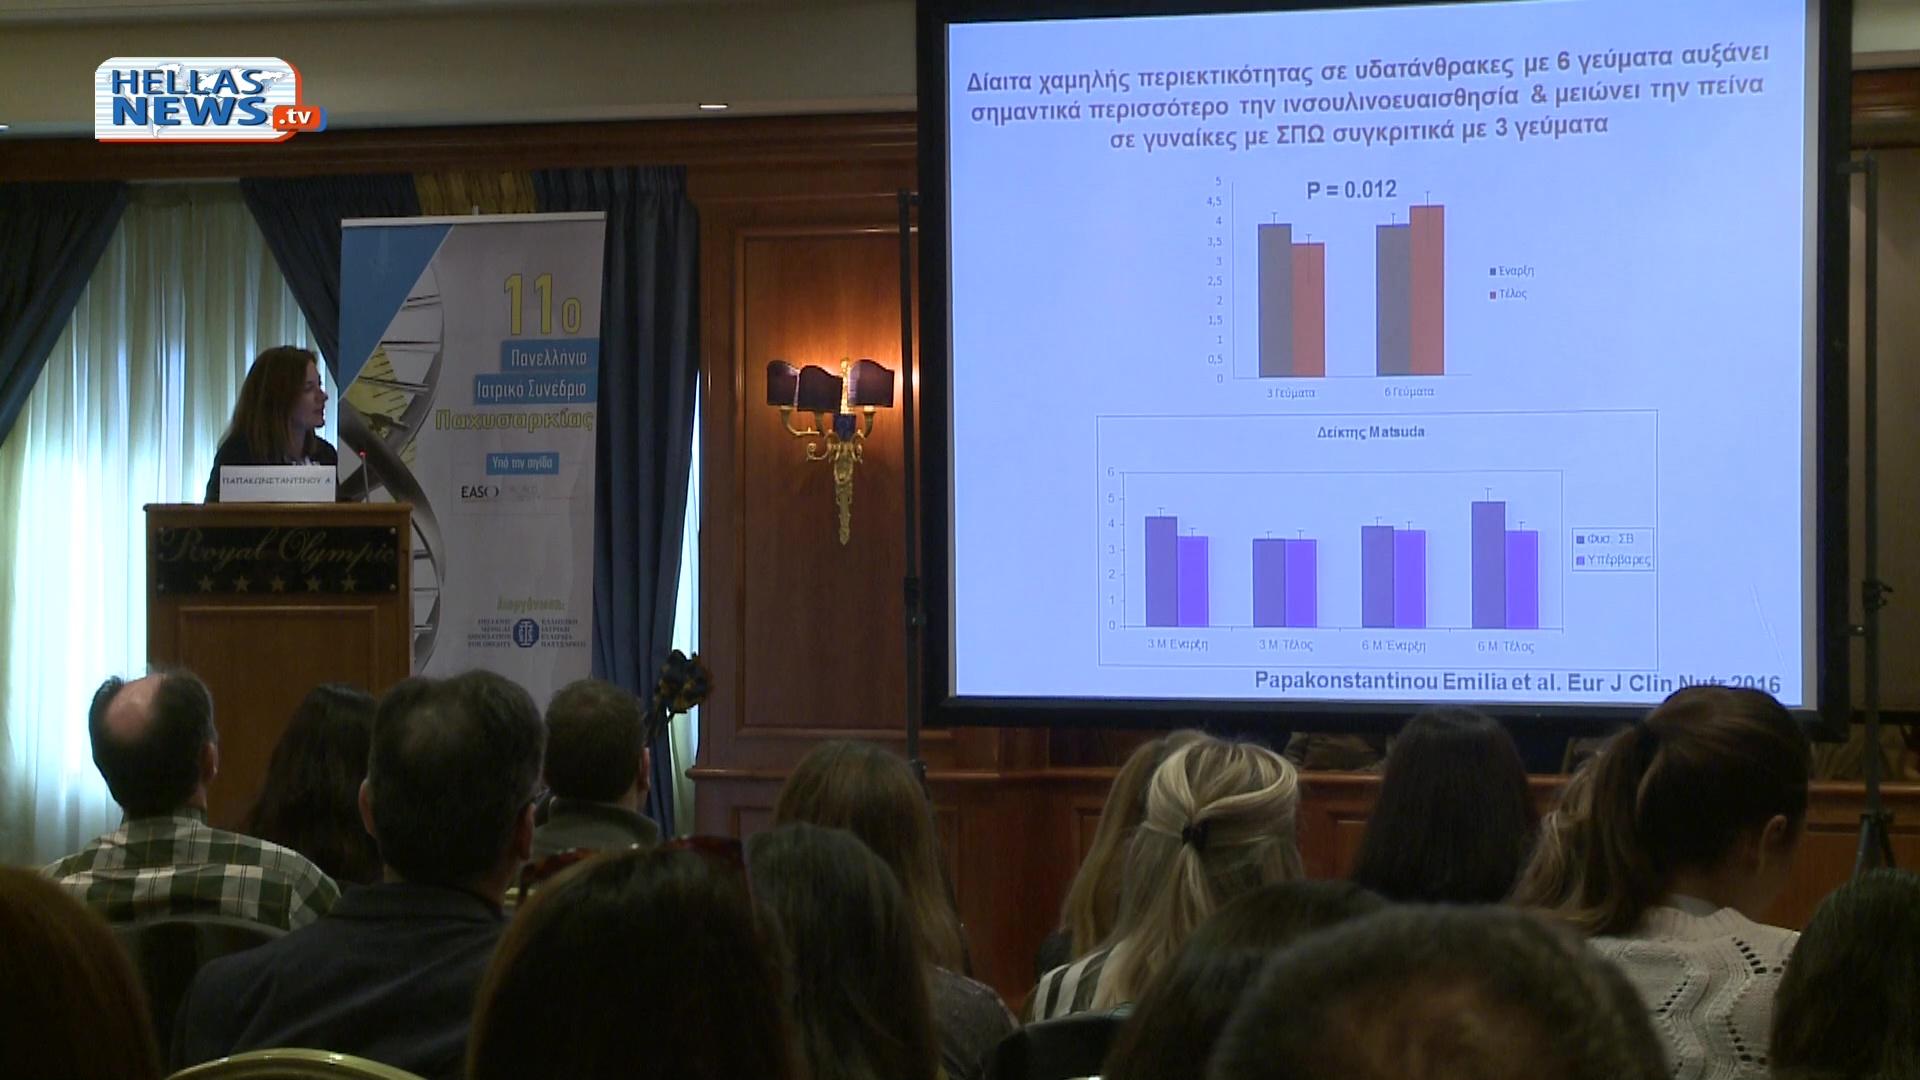 11ο Πανελλήνιο Ιατρικό Συνέδριο της Ελληνικής Ιατρικής Εταιρείας Παχυσαρκίας